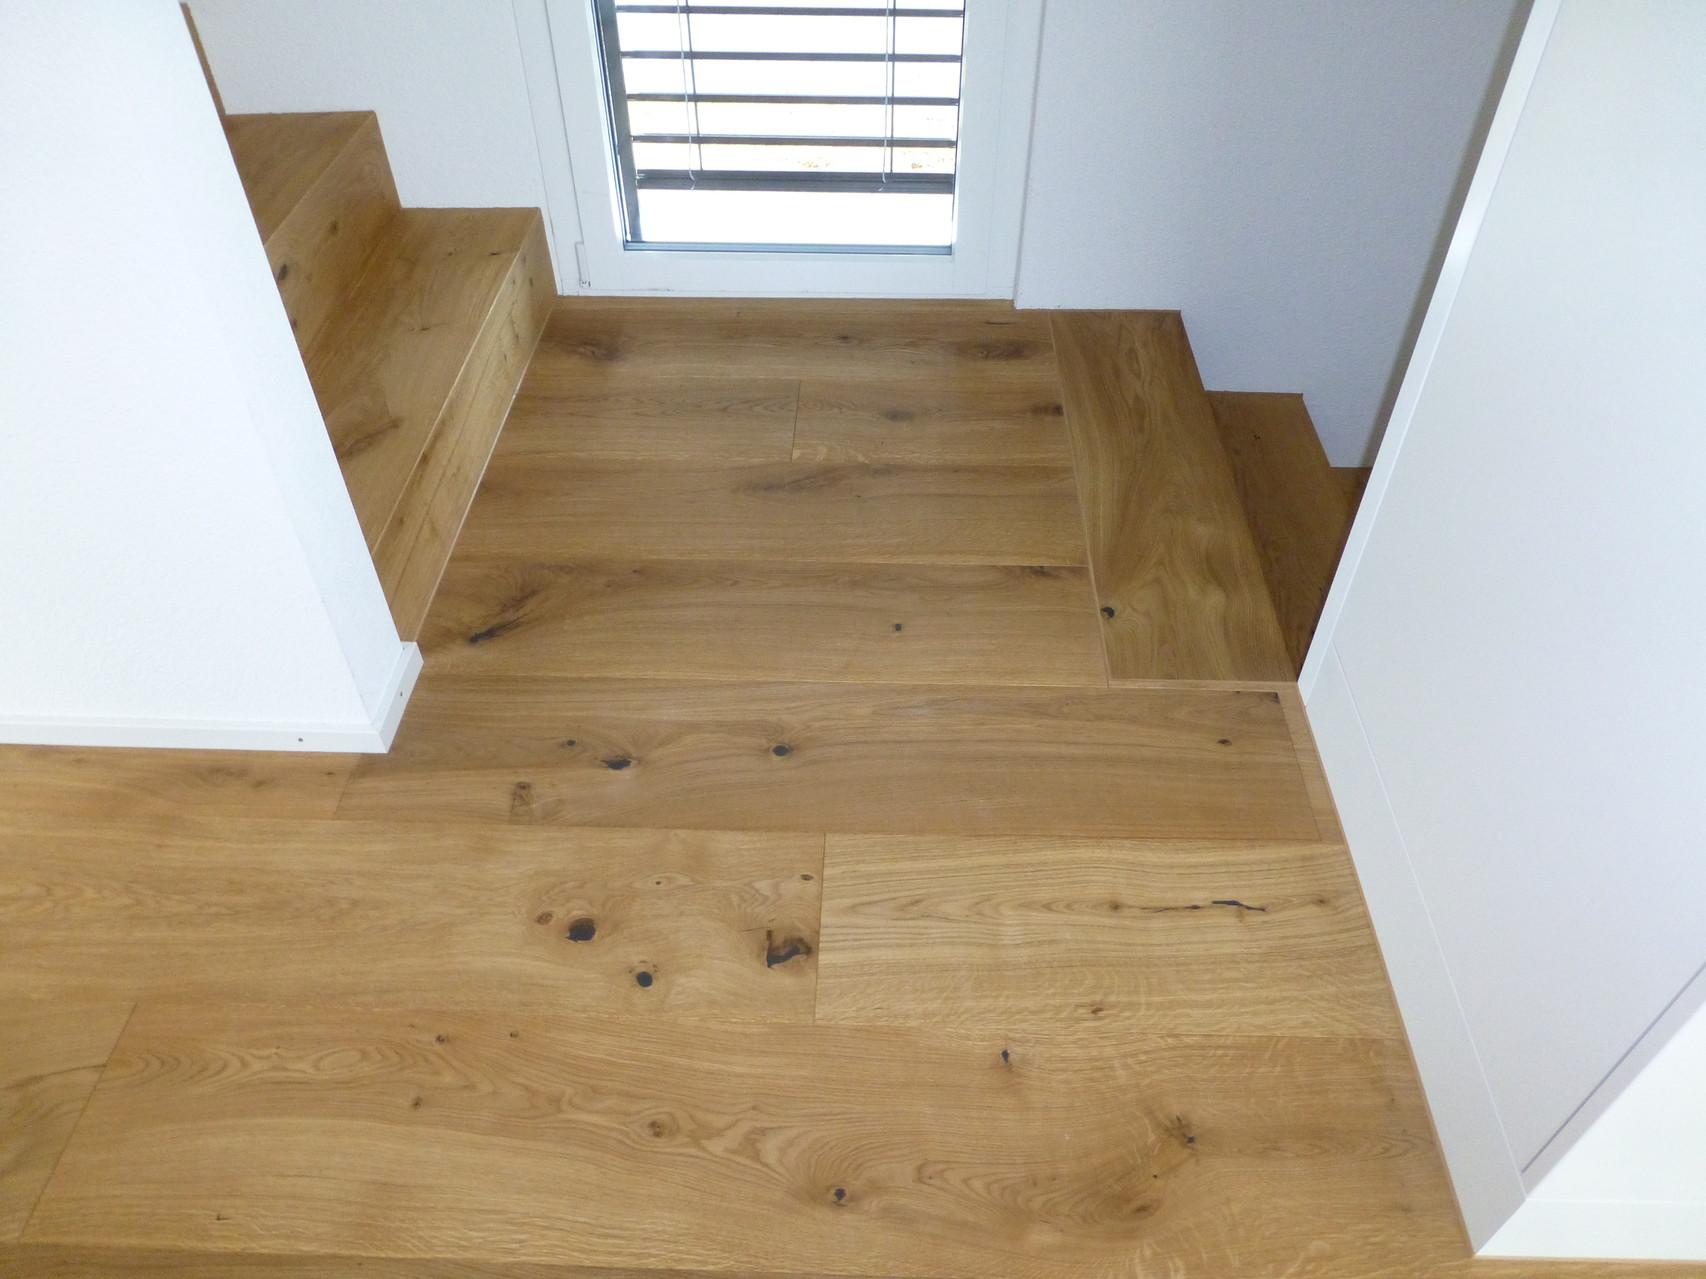 Treppe und Boden mit Eichenparkett ausgeführt, Landhausdielen Eiche astig